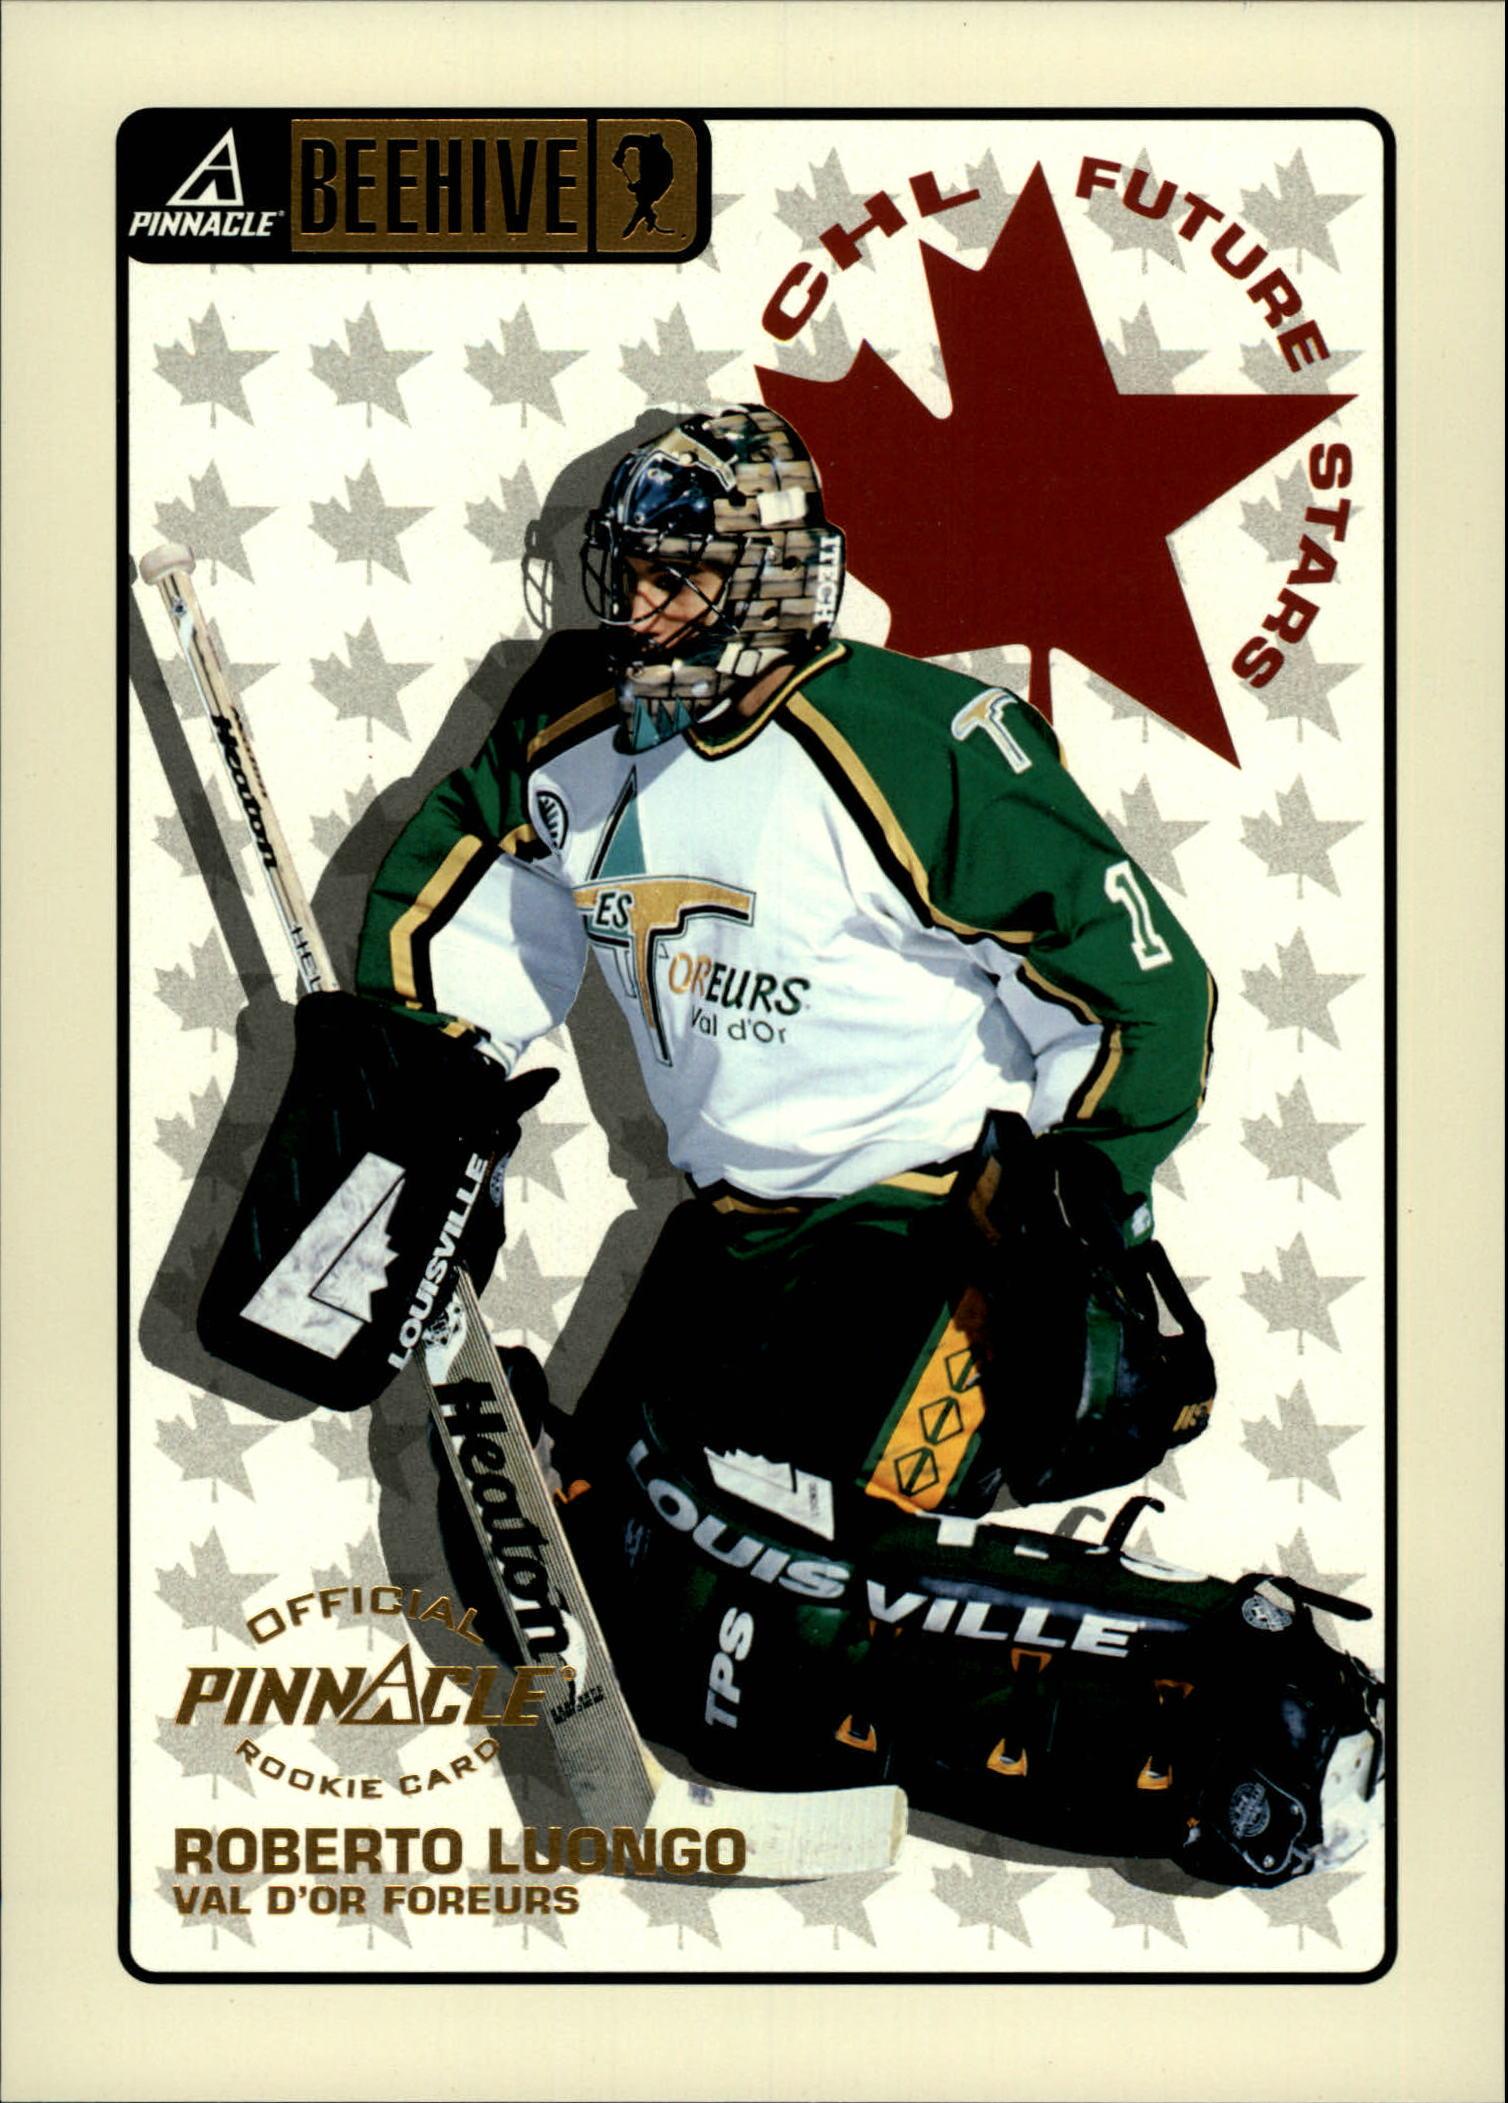 1997-98 Beehive #69 Roberto Luongo JLS RC